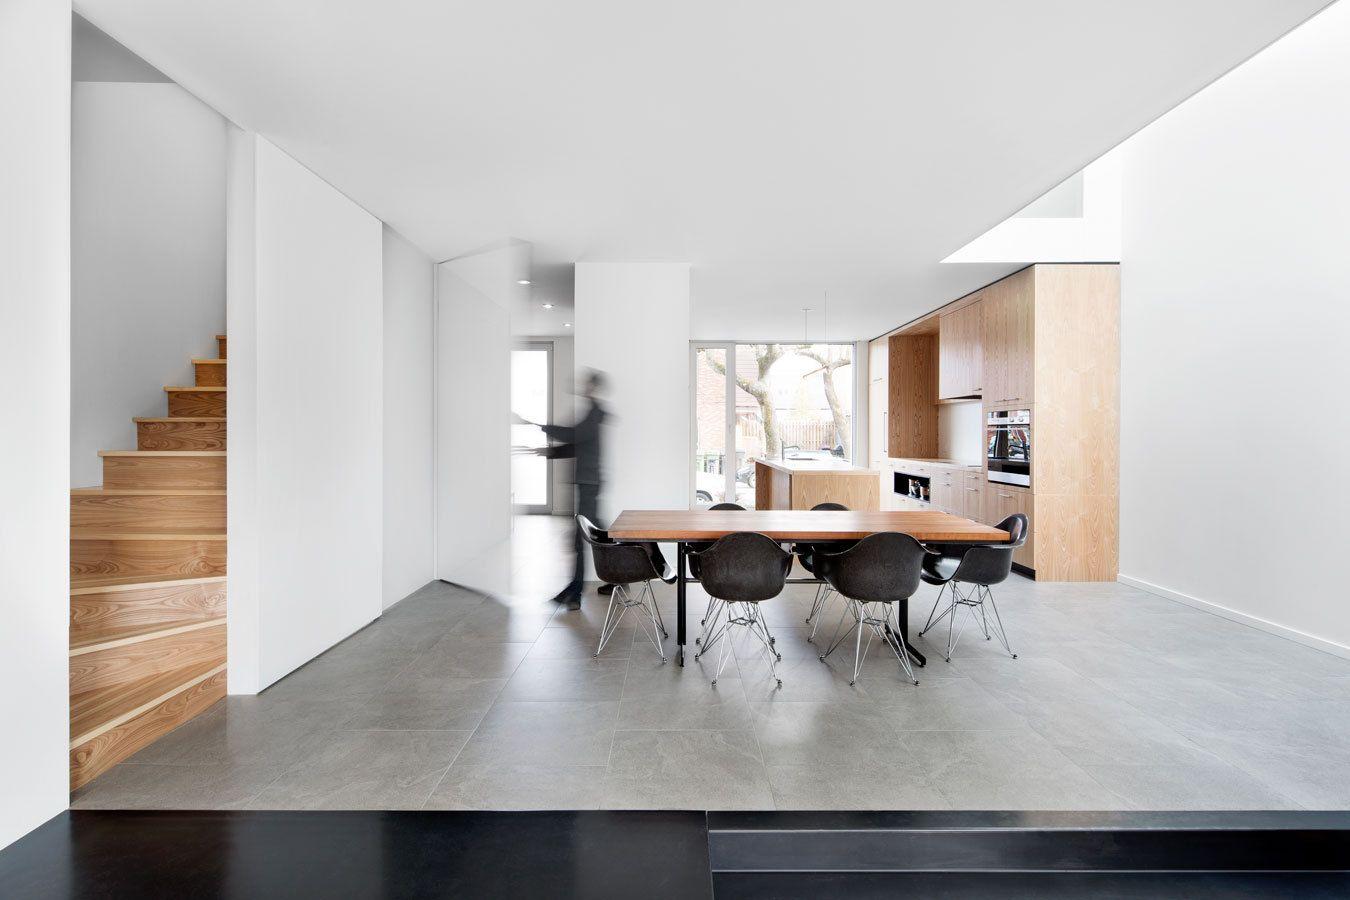 Reihenhaus In Montreal / Mit Der Küche Zur Straße   Architektur Und  Architekten   News / Meldungen / Nachrichten   BauNetz.de